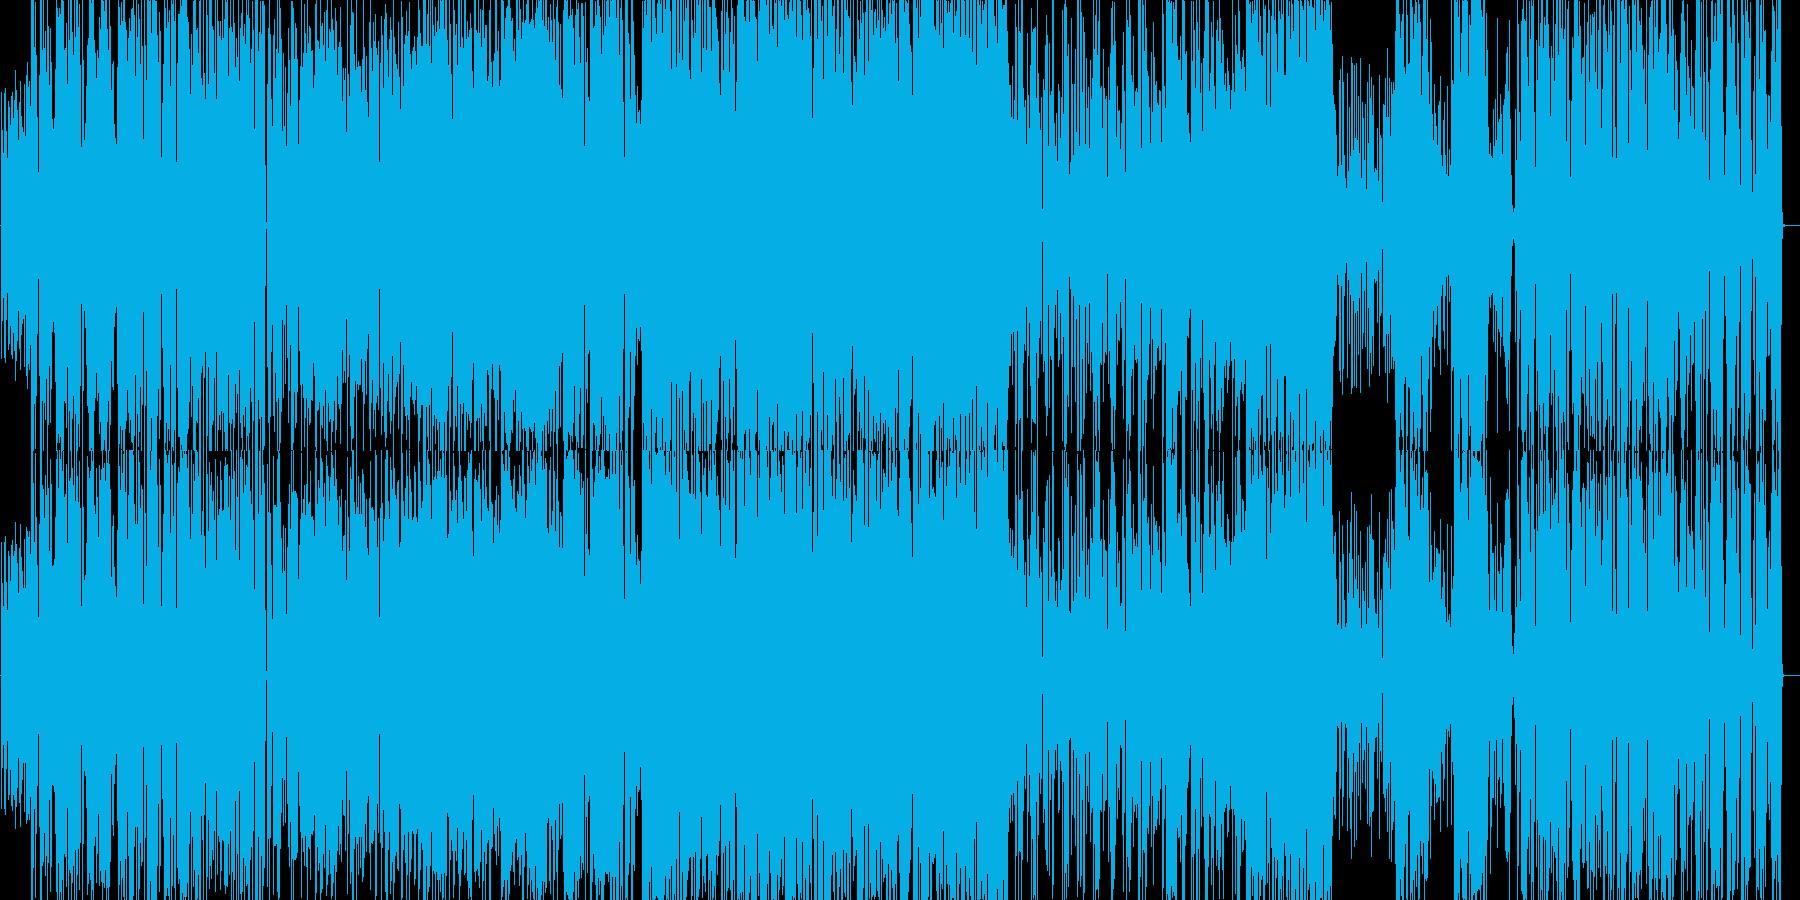 大人な雰囲気のジャズピアノトリオの再生済みの波形